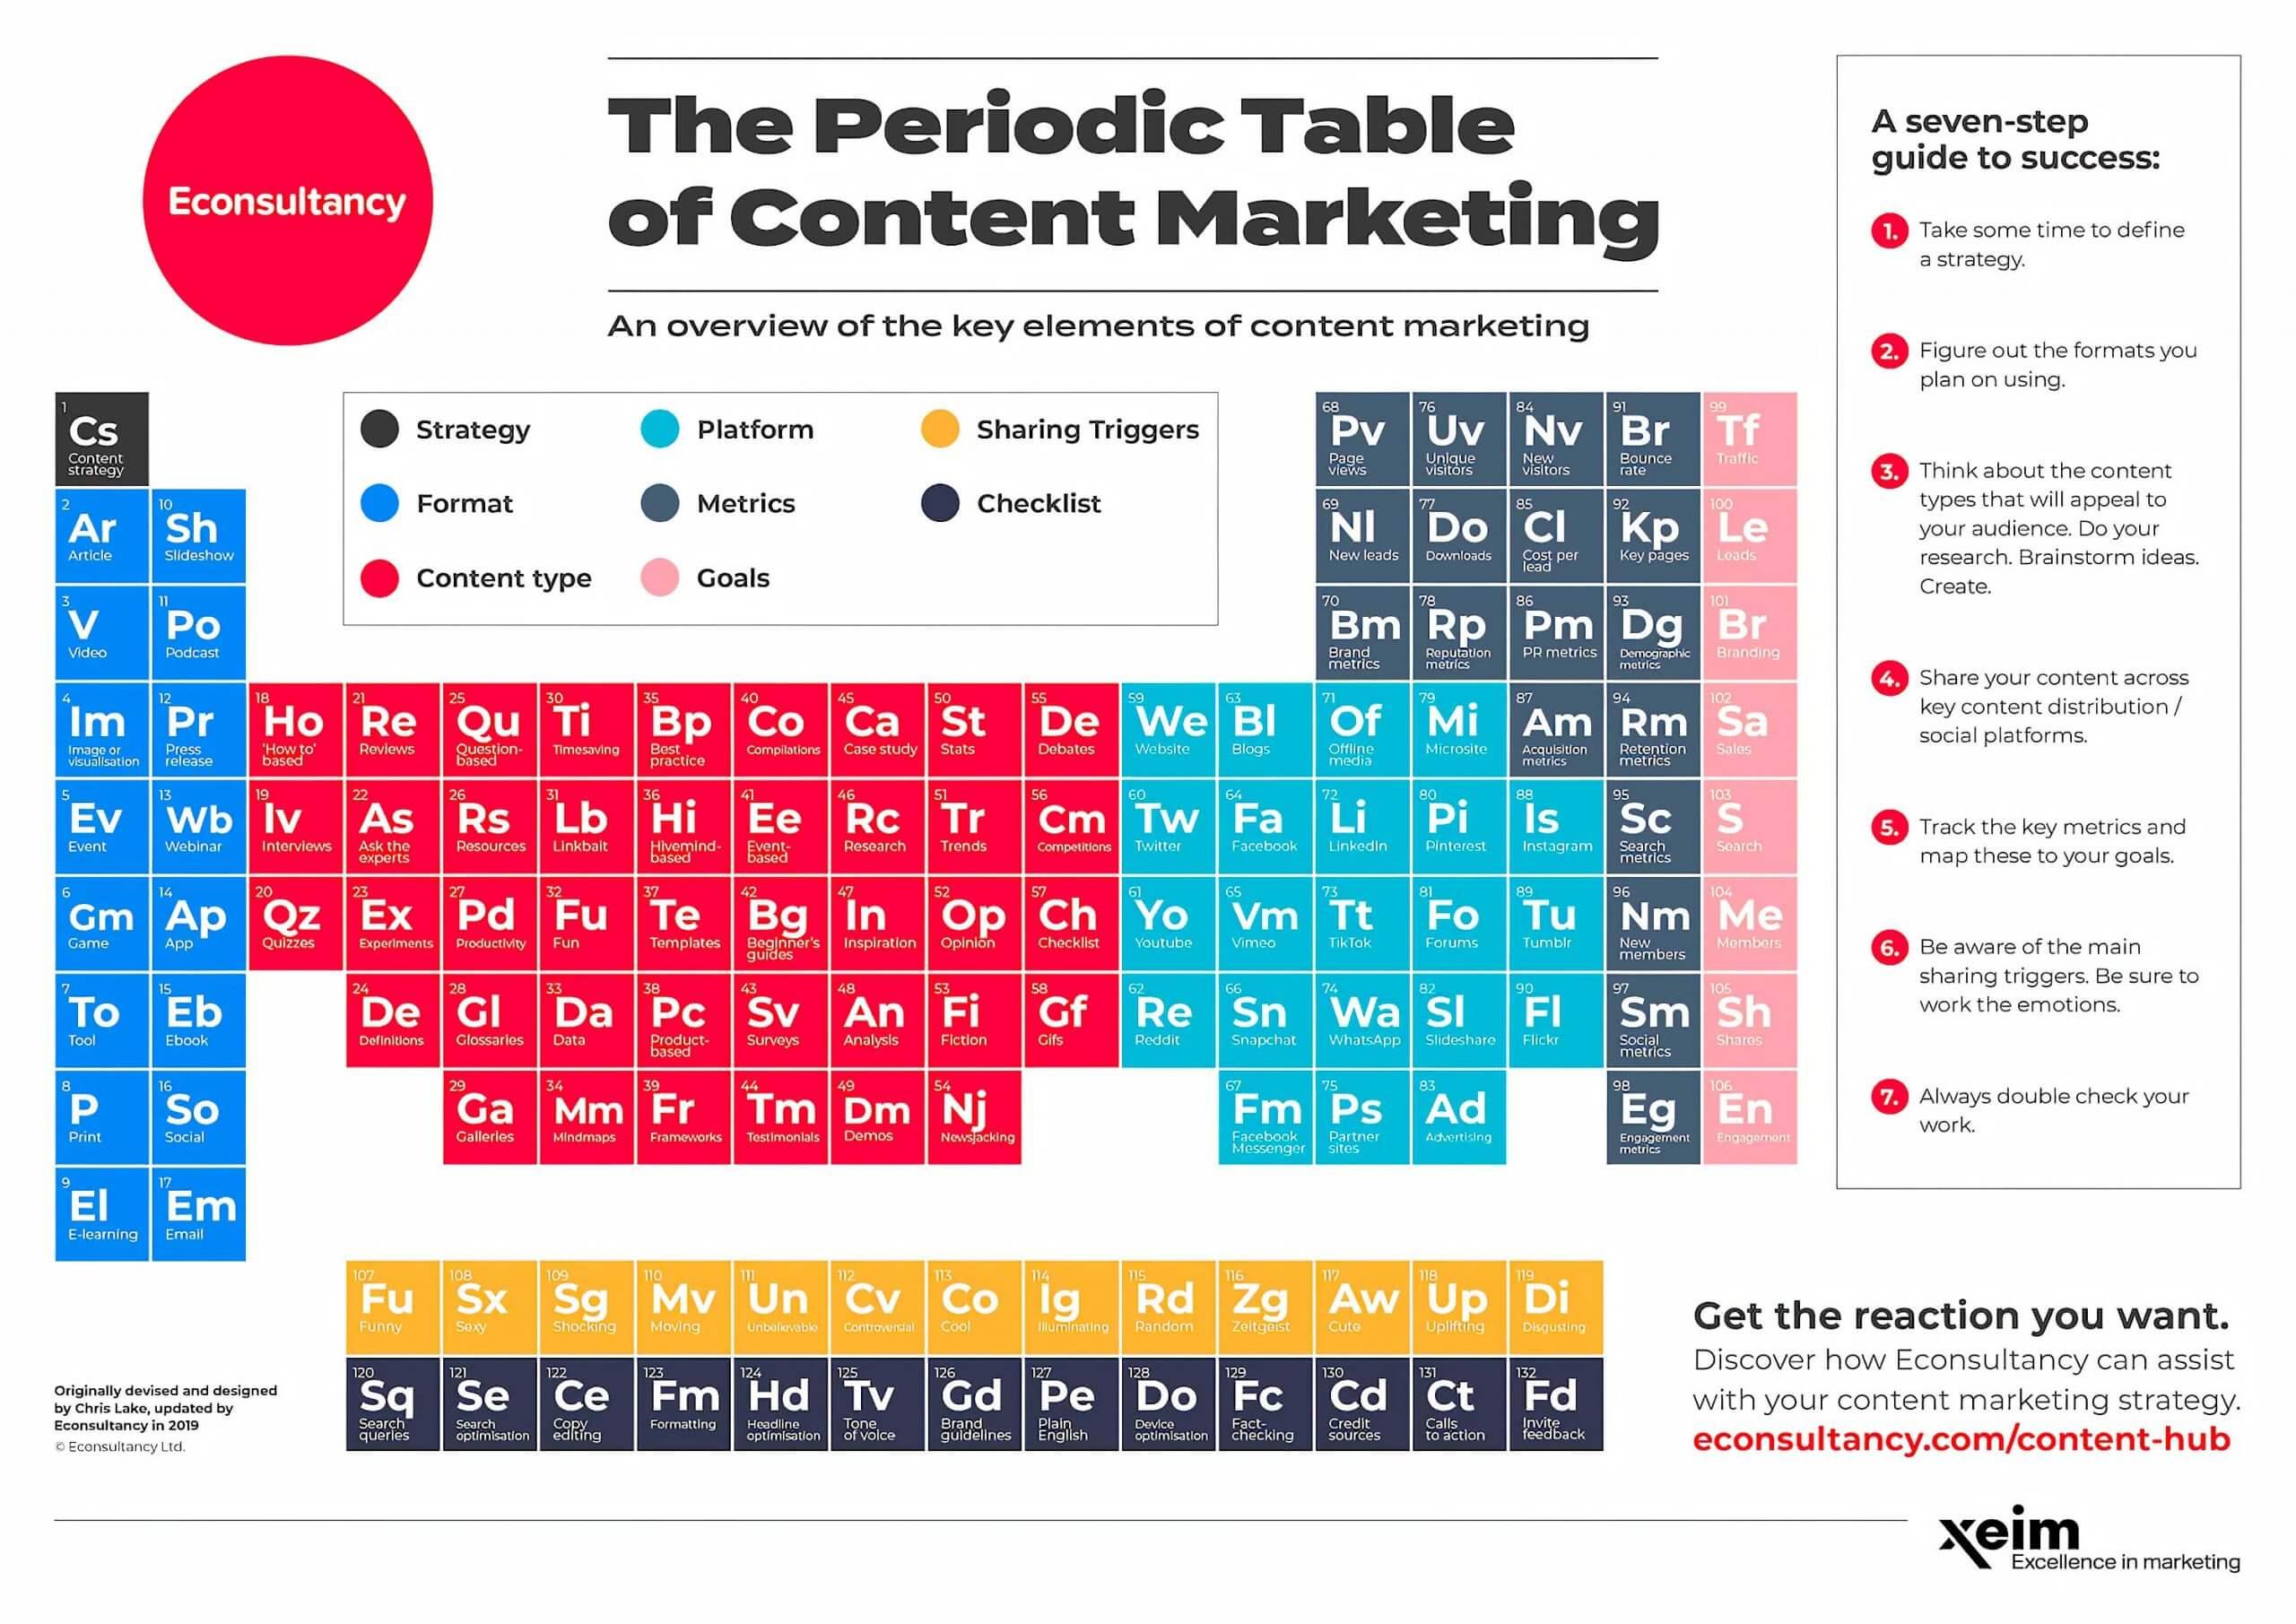 Периодическая таблица контент-маркетинга